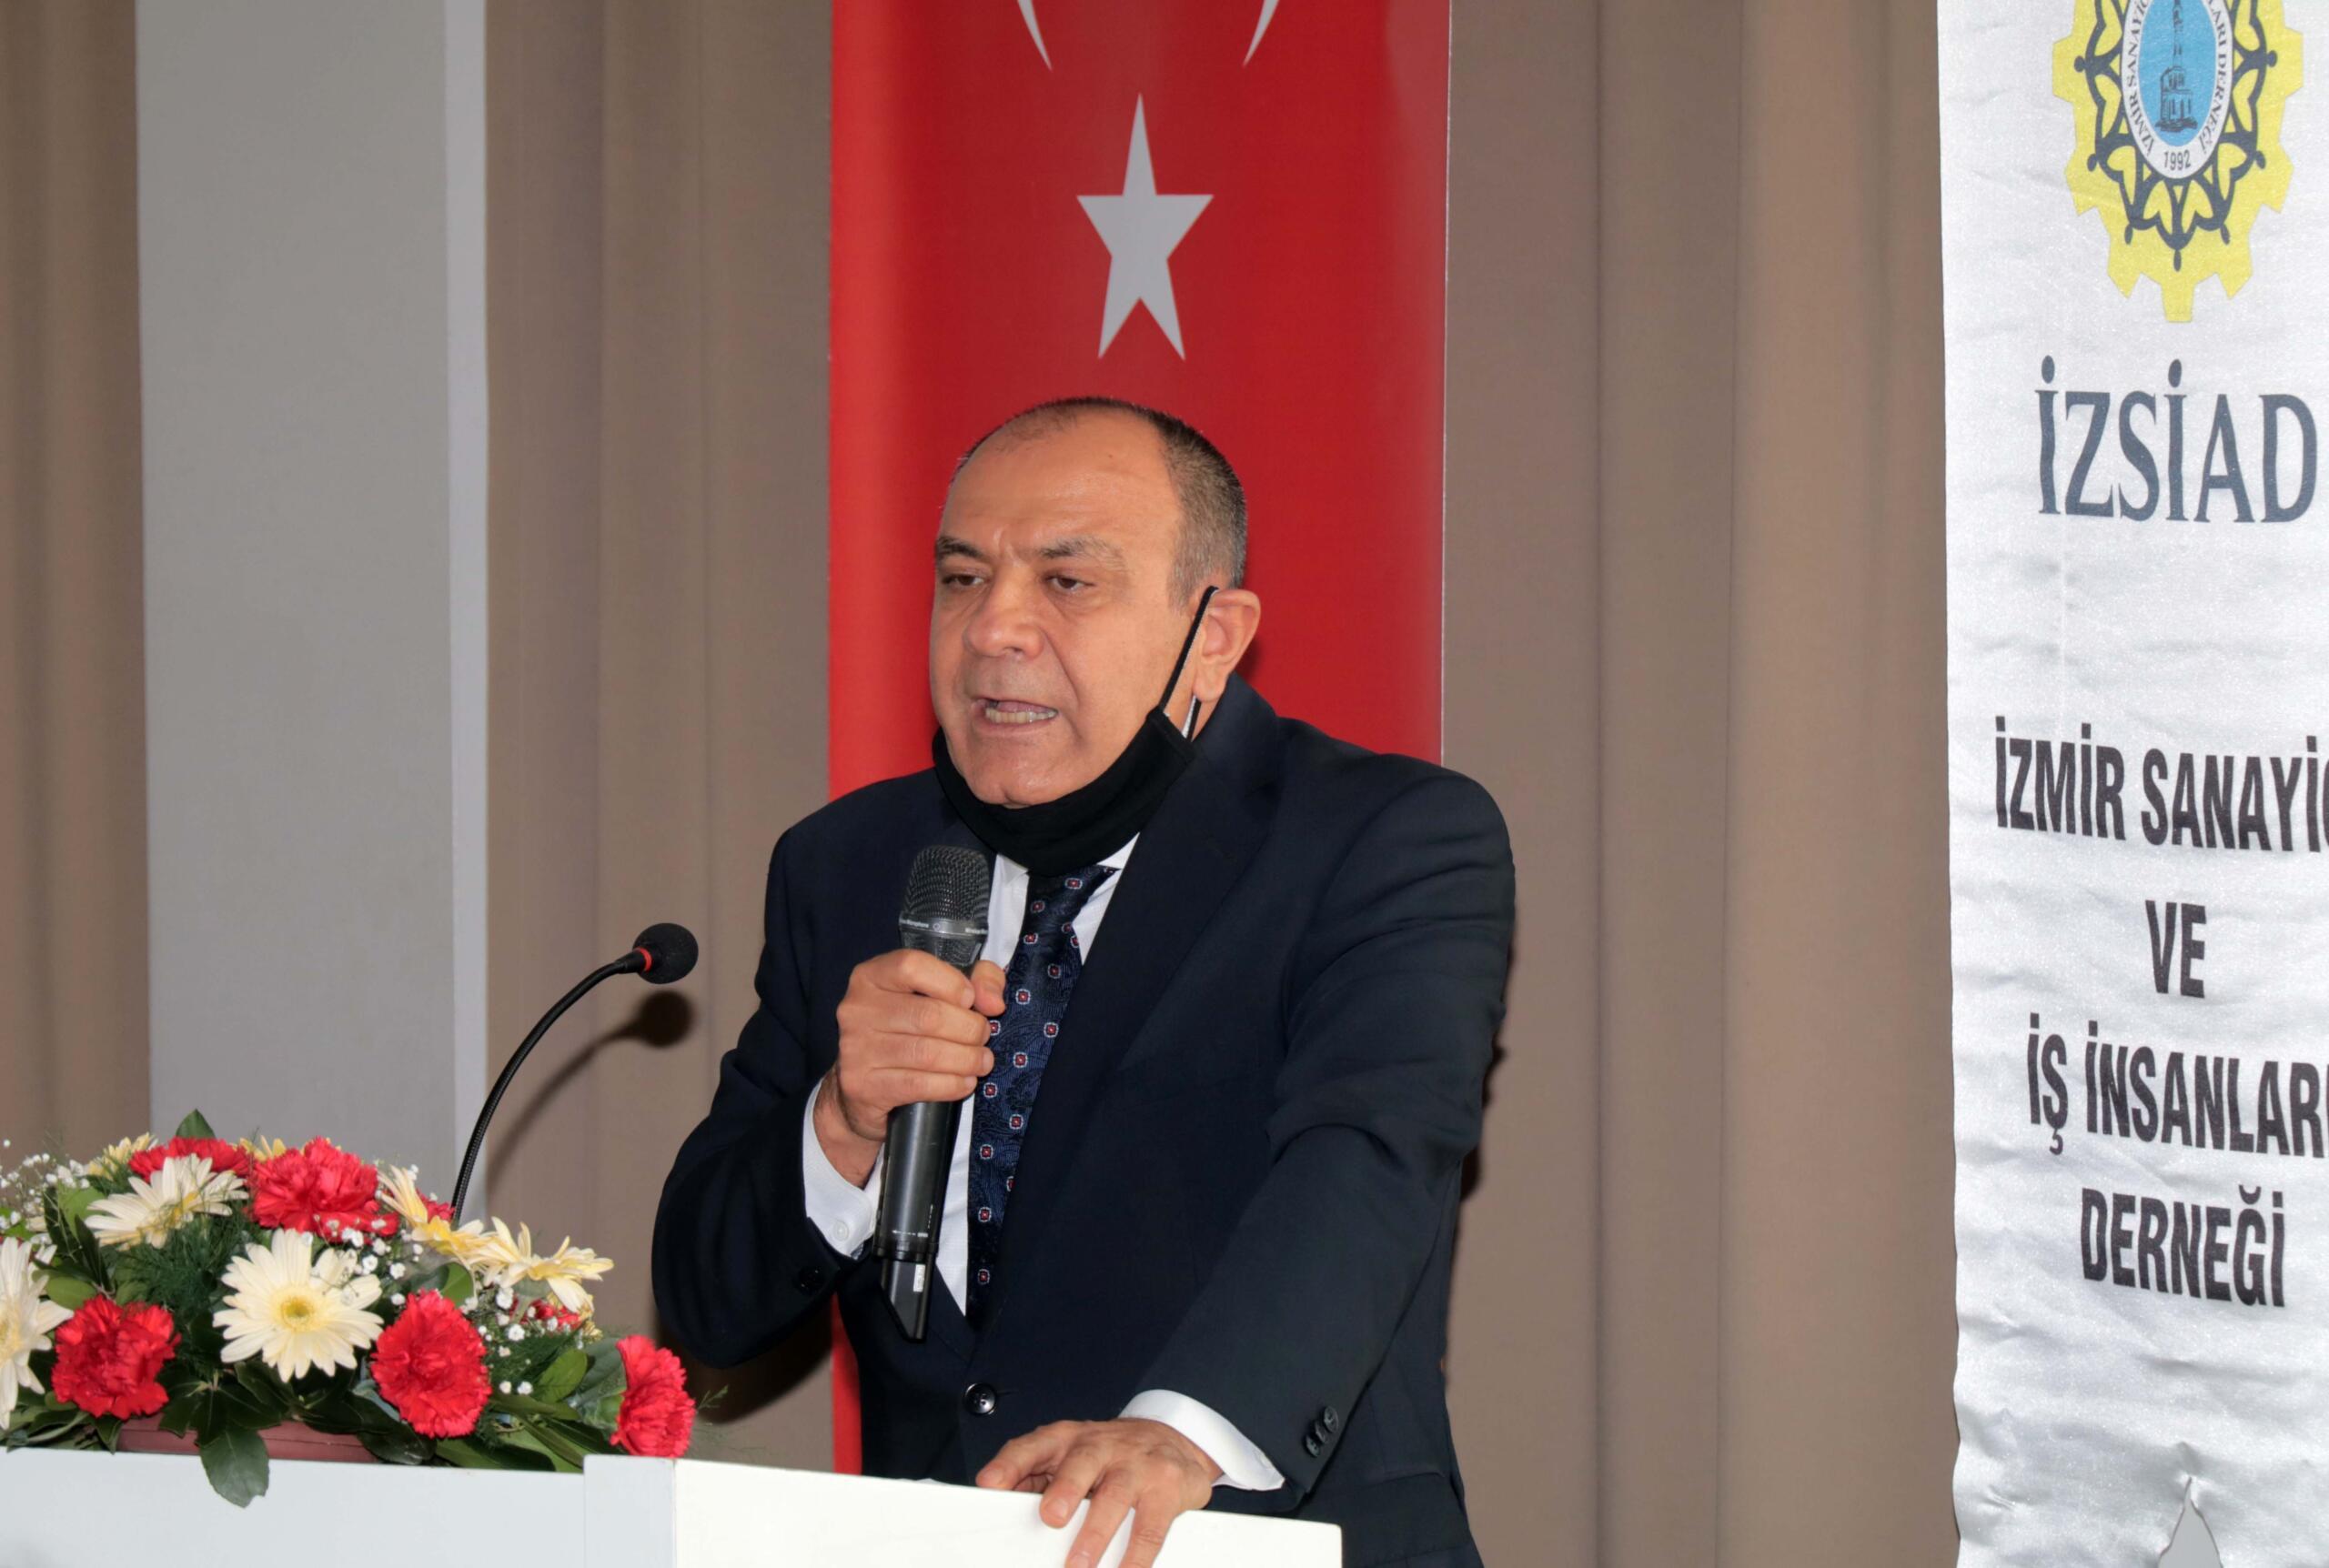 """İZSİAD Genel Kurulu """"Küçükkurt"""" dedi Hasan Küçükkurt güven tazeledi"""